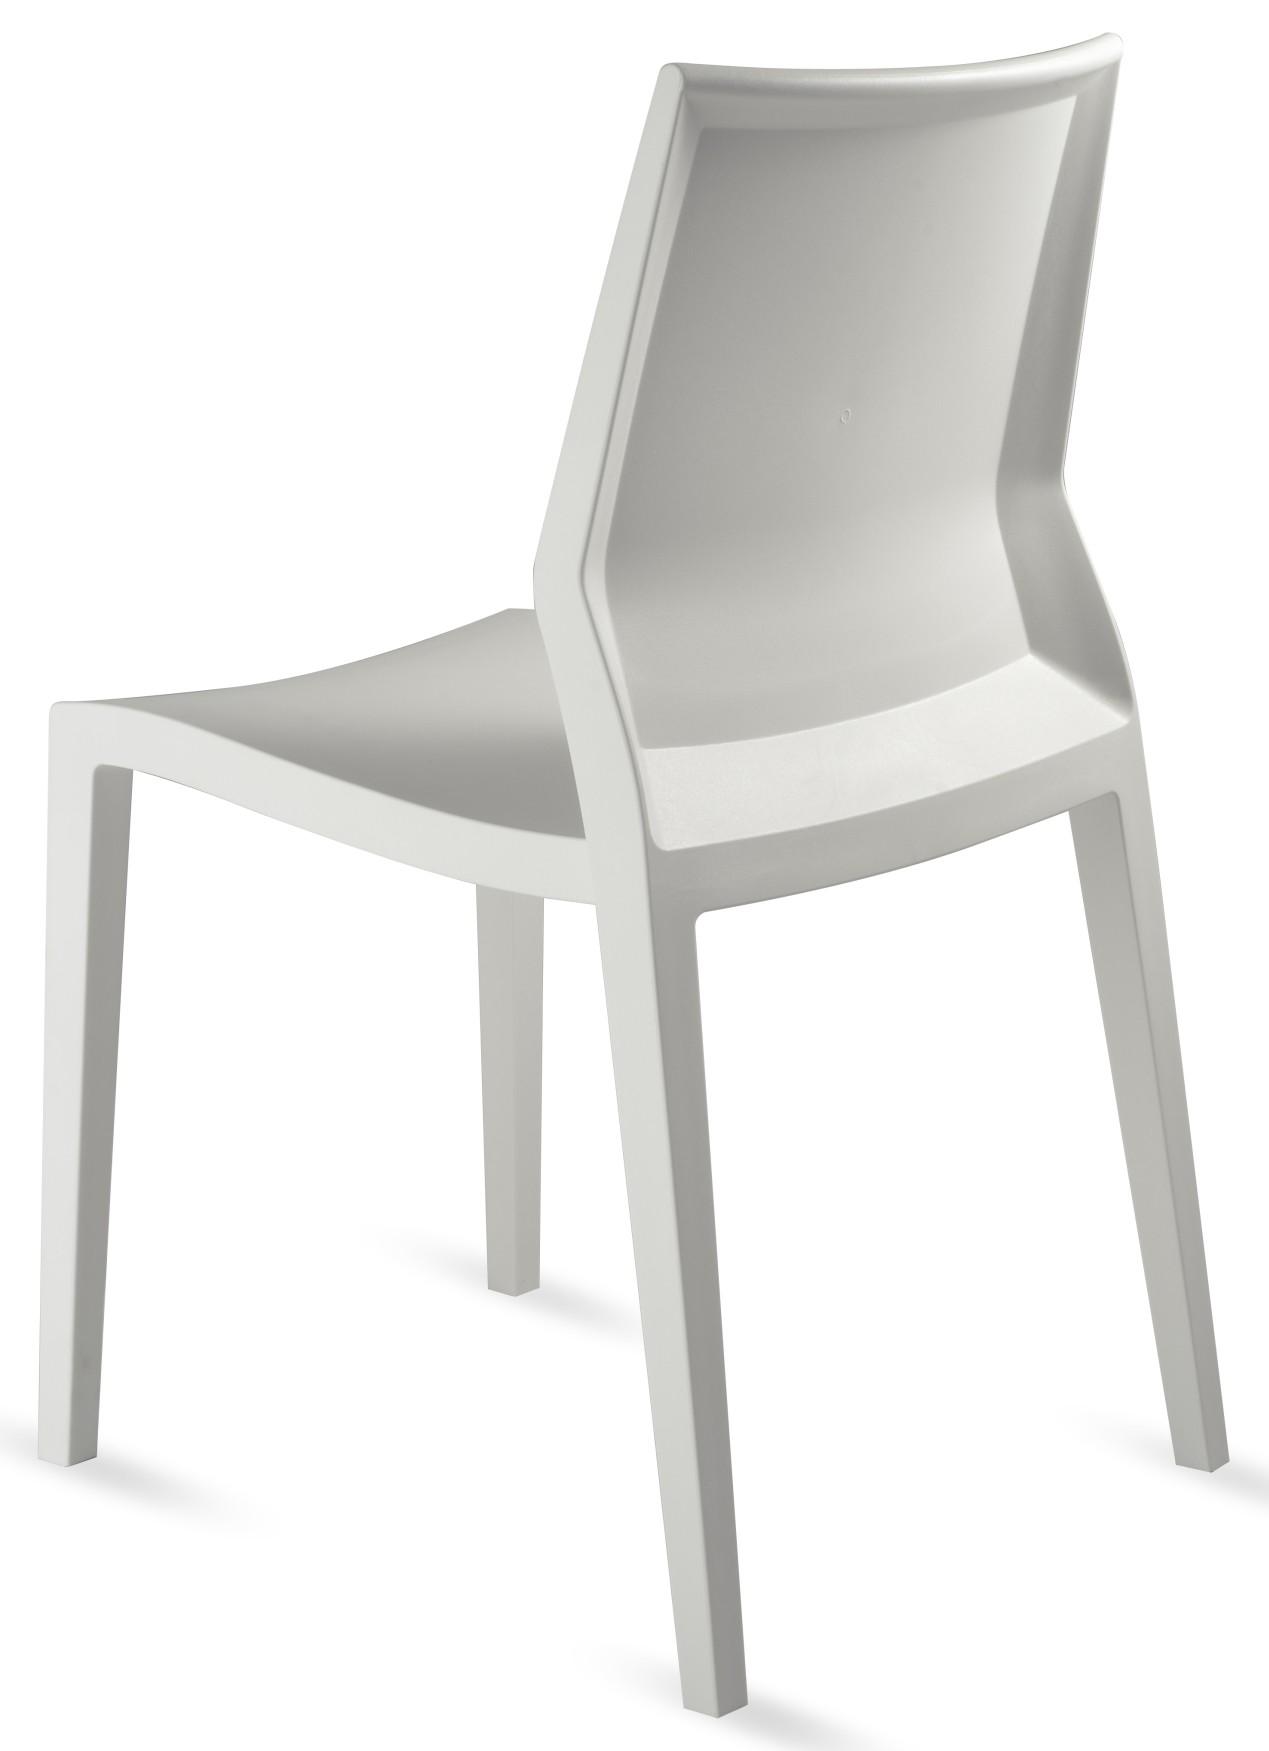 Image ibebi design stoel hoth wit for Design stoel 24